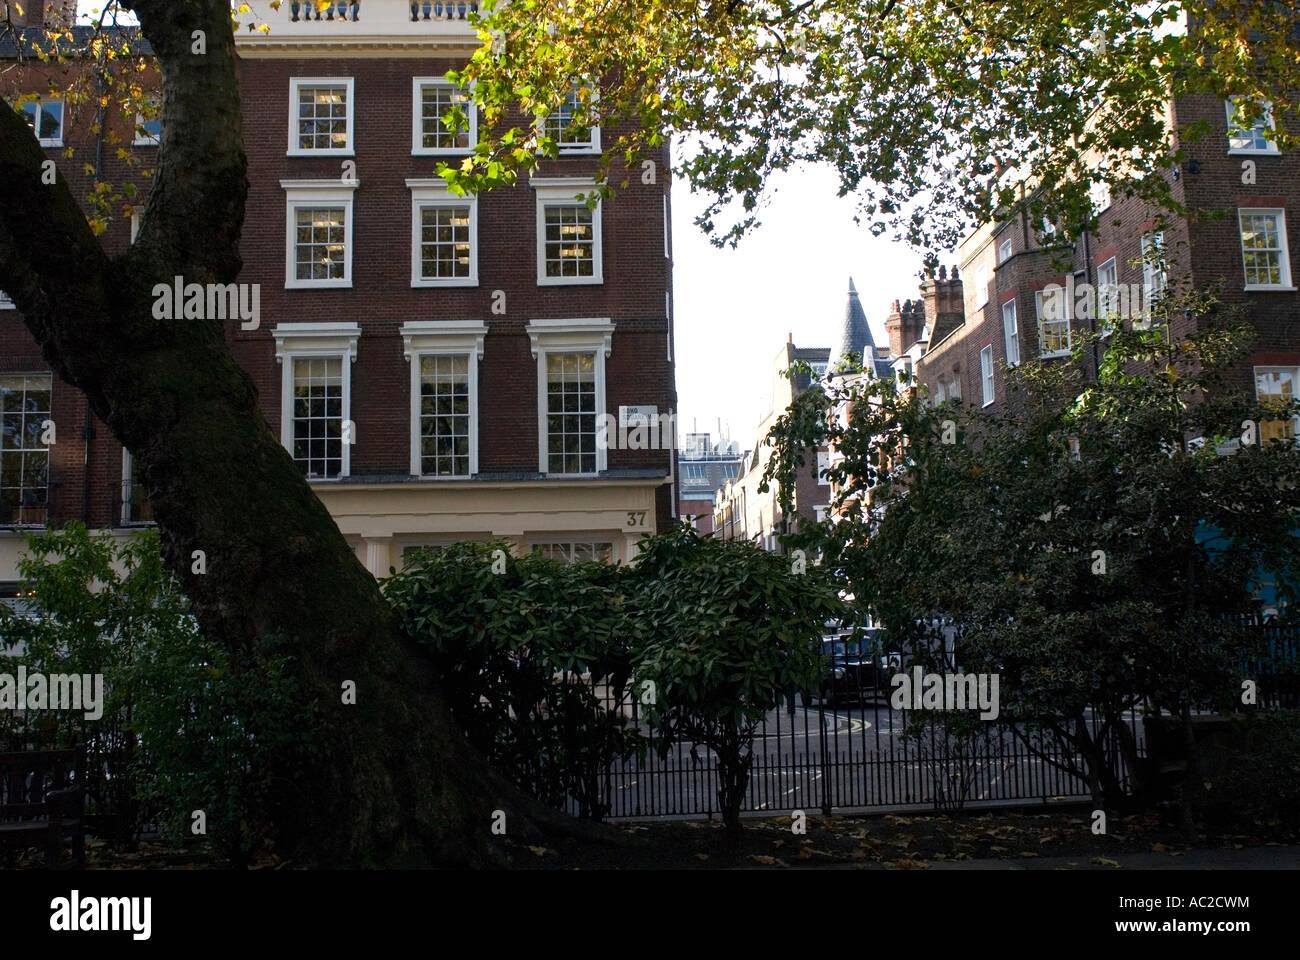 Wohnungen, Europa, London, Wiederholung Architektur, Nachbarschaft ...